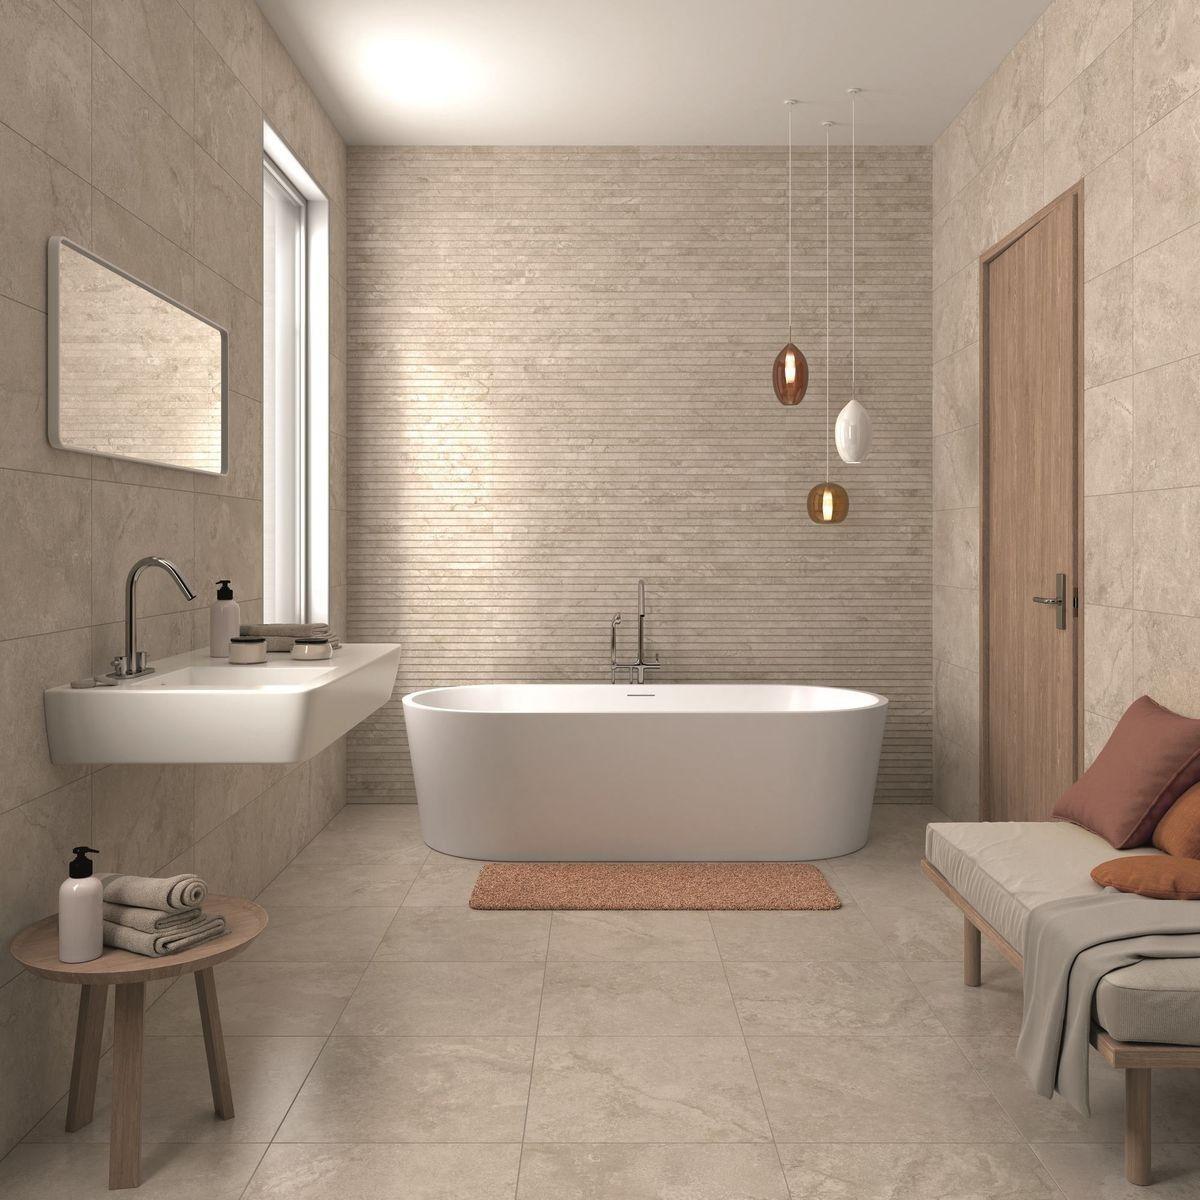 طراحی حمام به سبک پاییزی